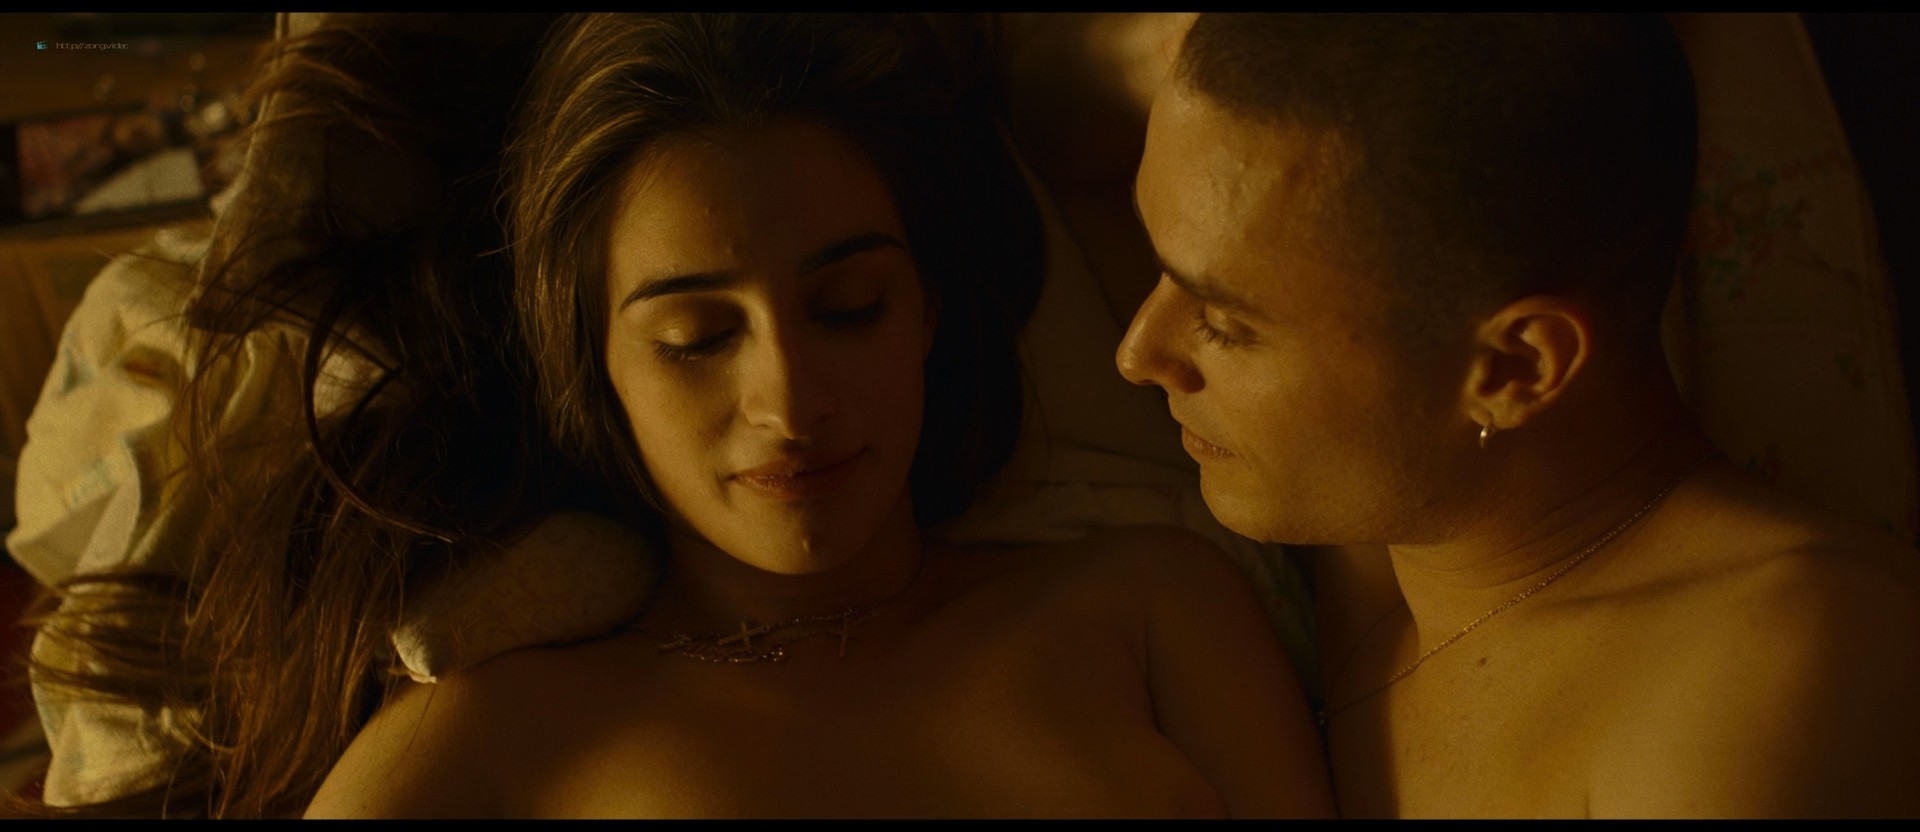 Michela De Rossi nude topless and hot sex - La Terra dell'abbastanza (IT-2018) HD 1080p BluRay (8)